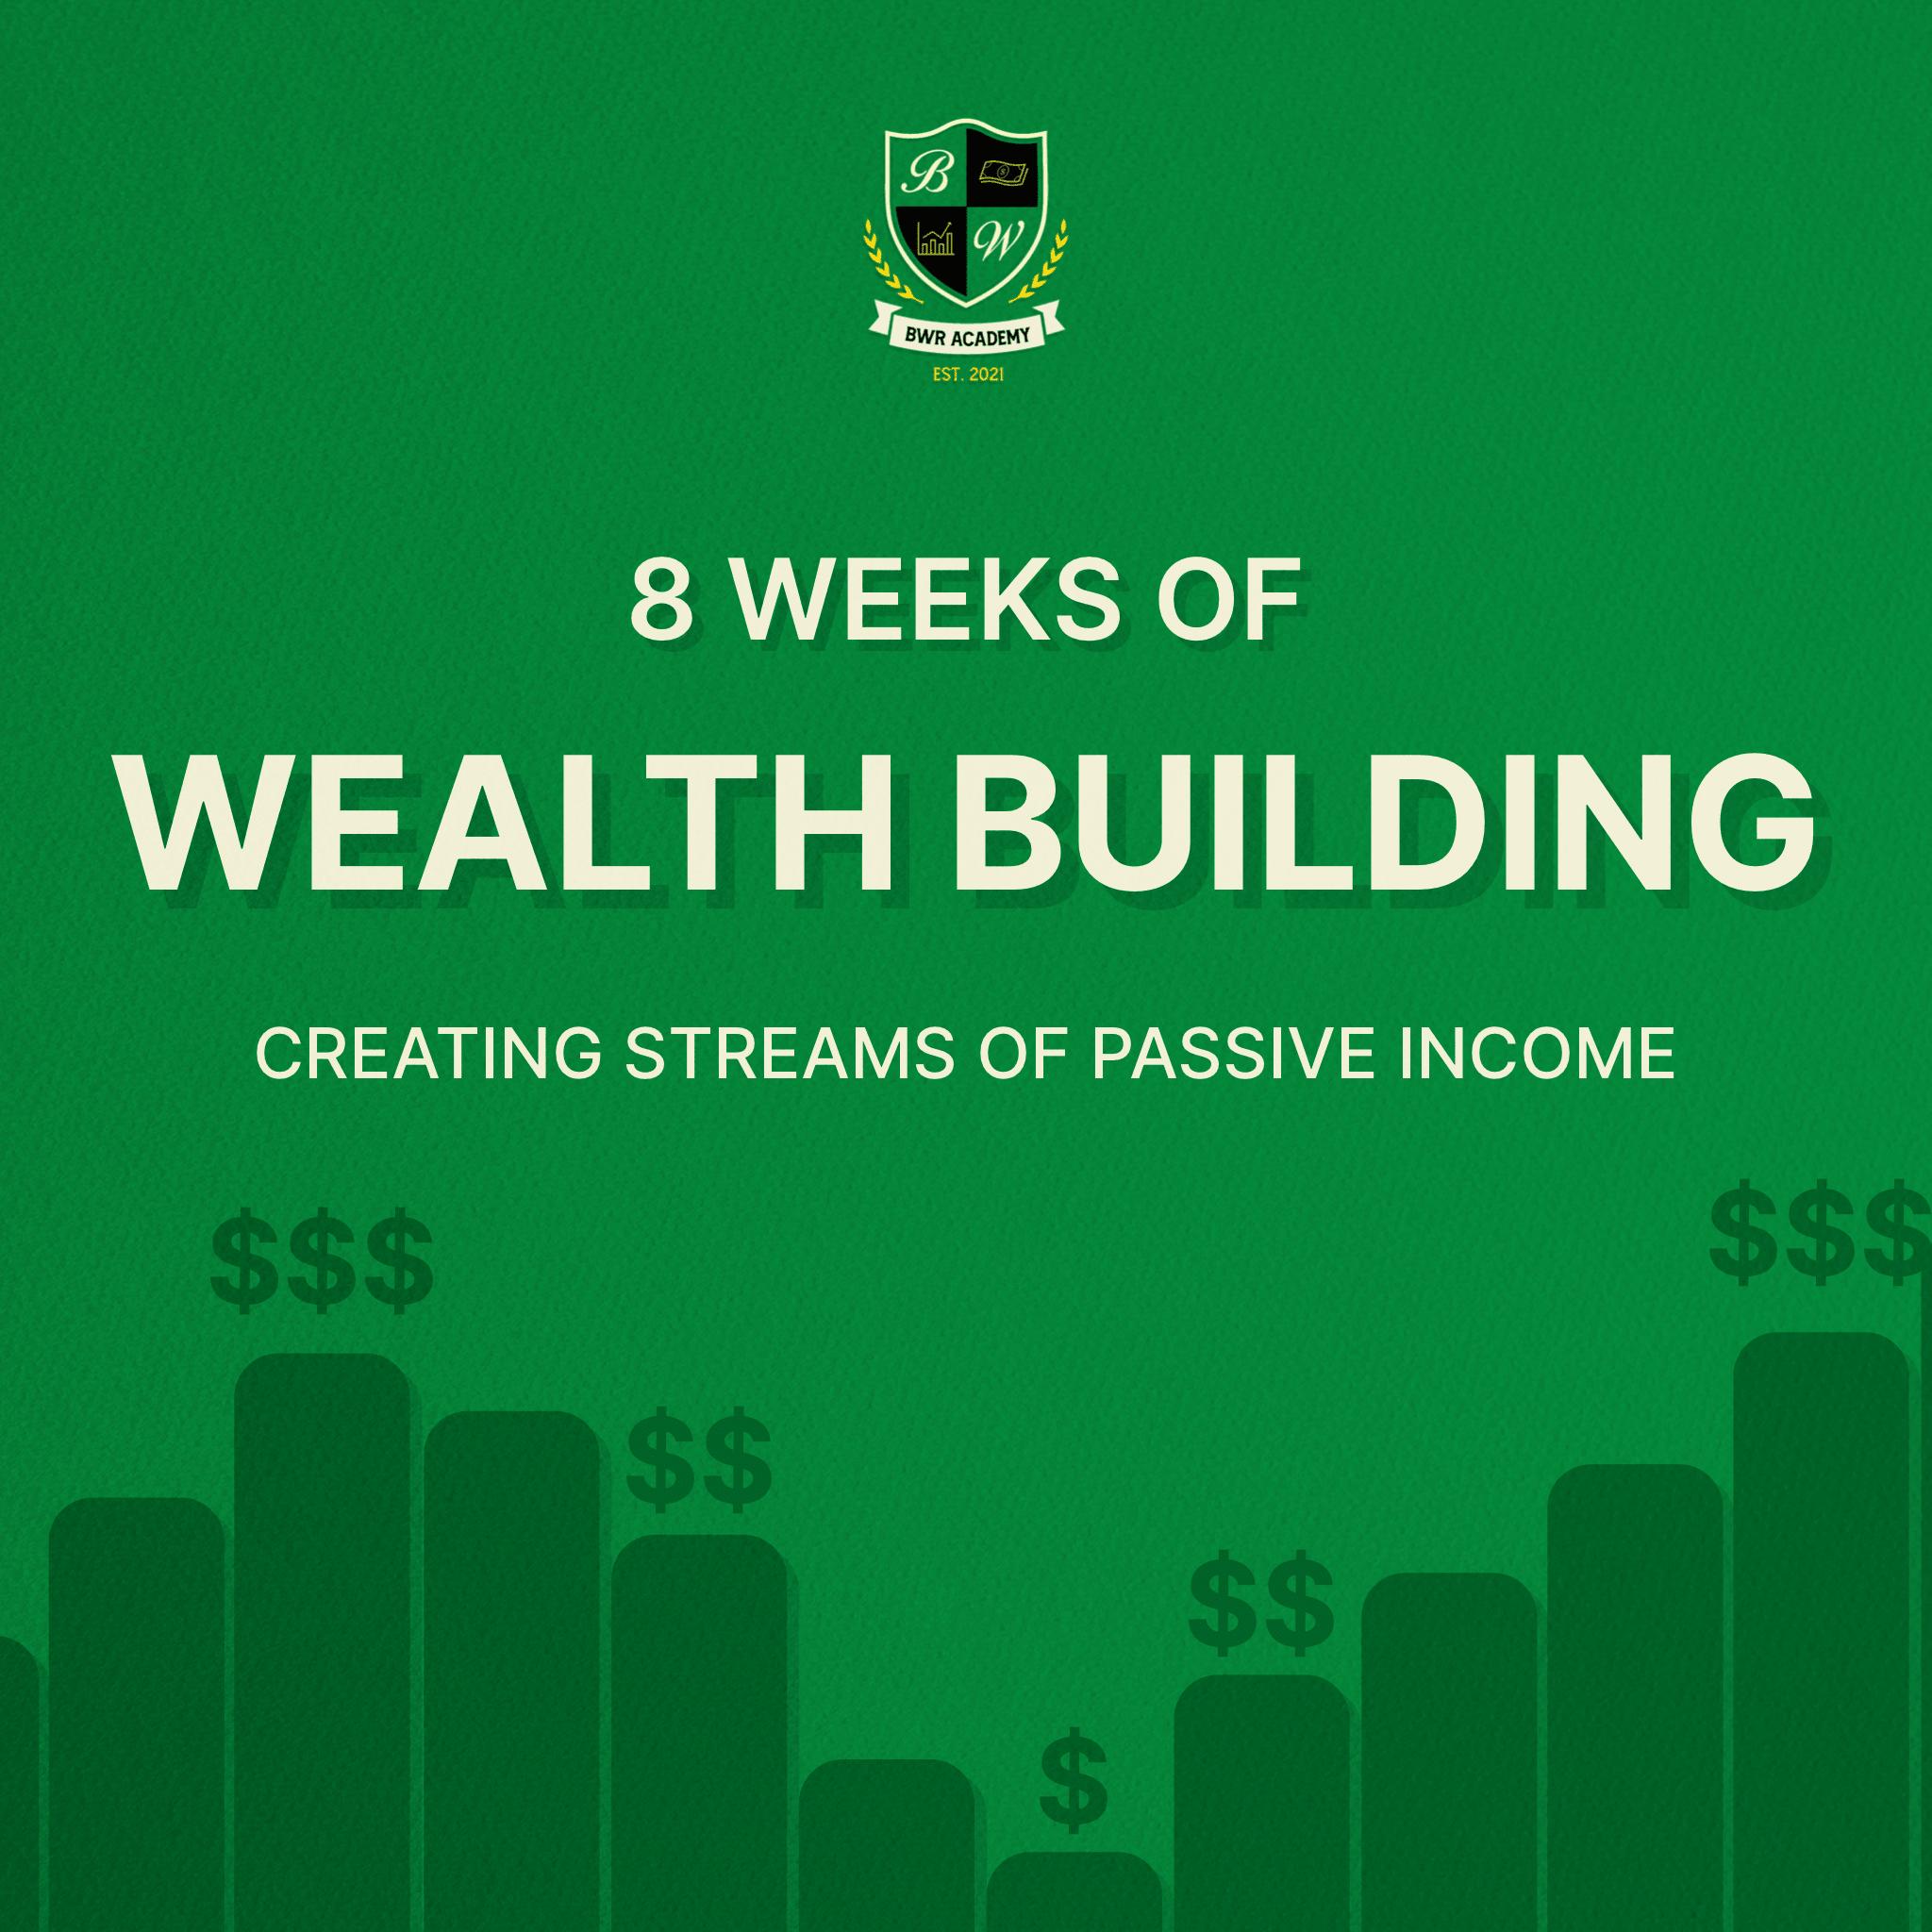 8 Weeks Of Wealth